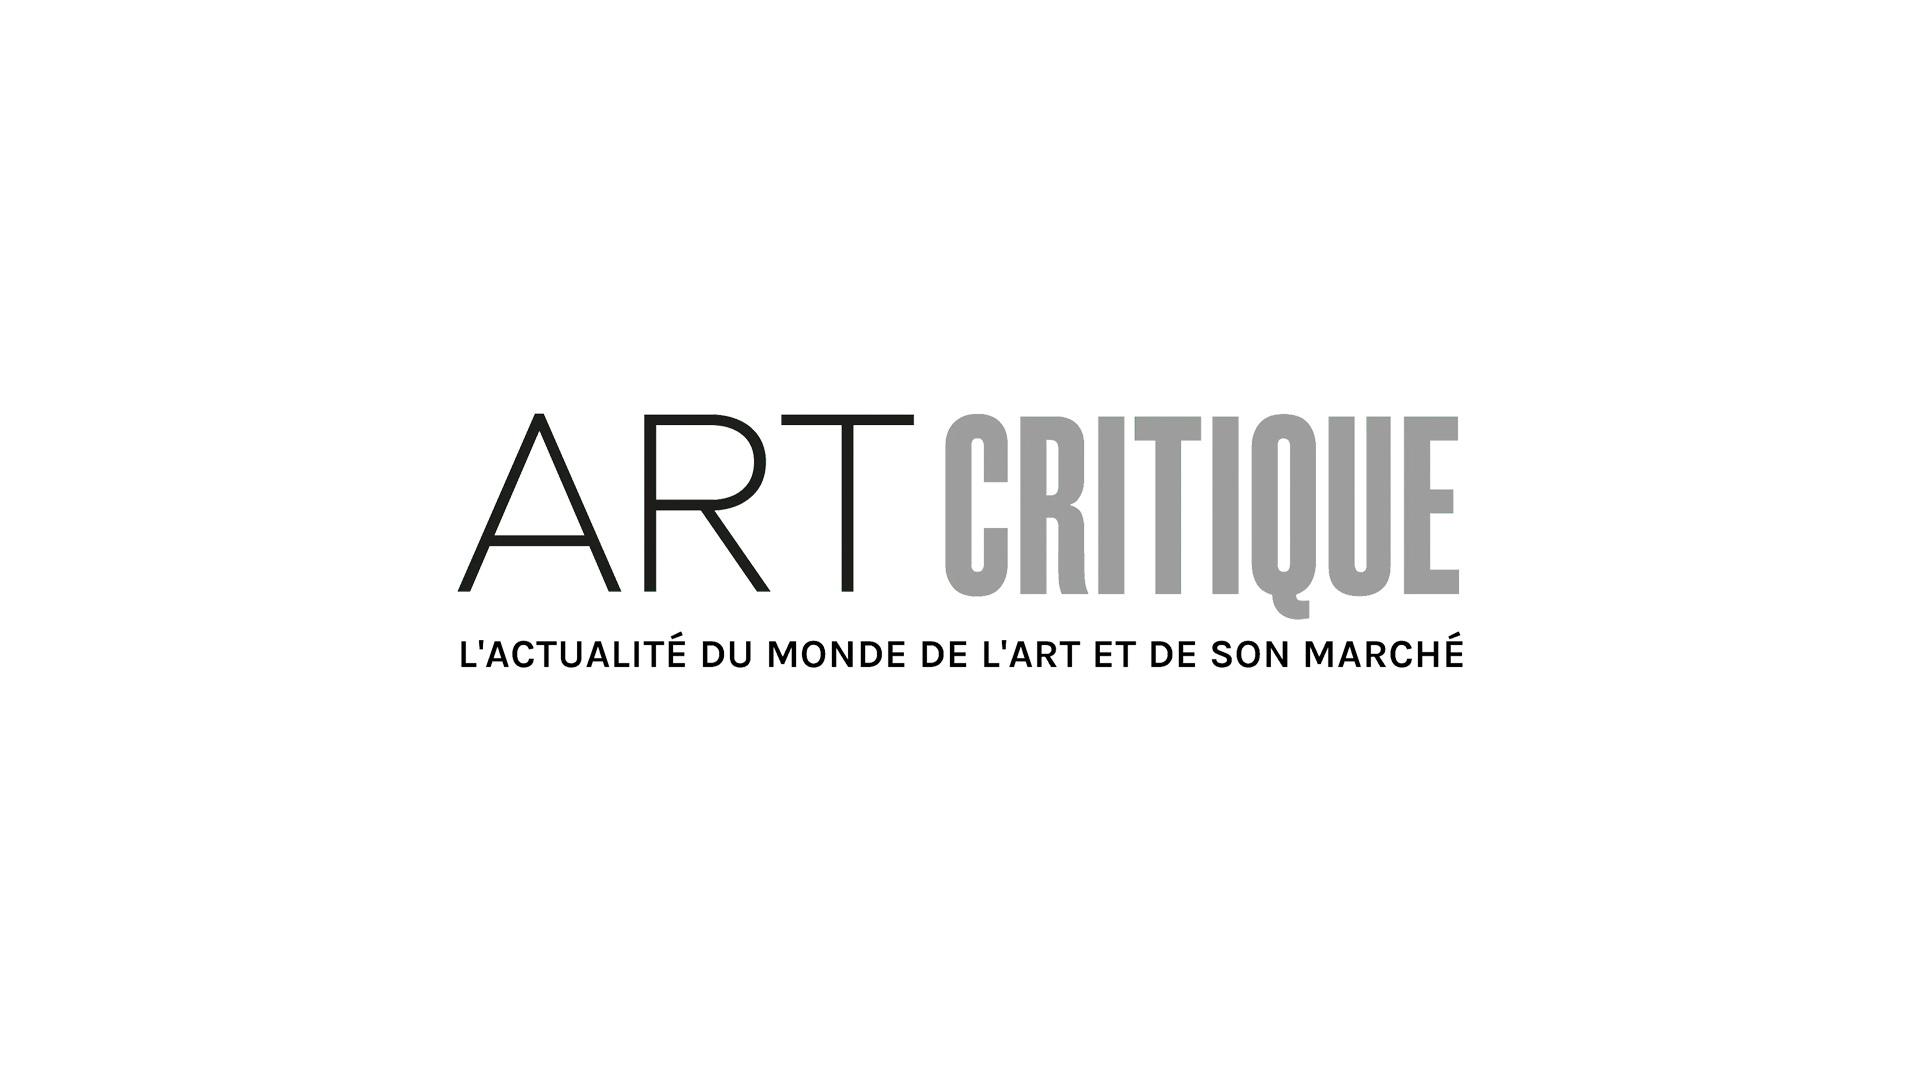 Hashim Sarkis, nouveau curateur de la Biennale d'architecture de Venise